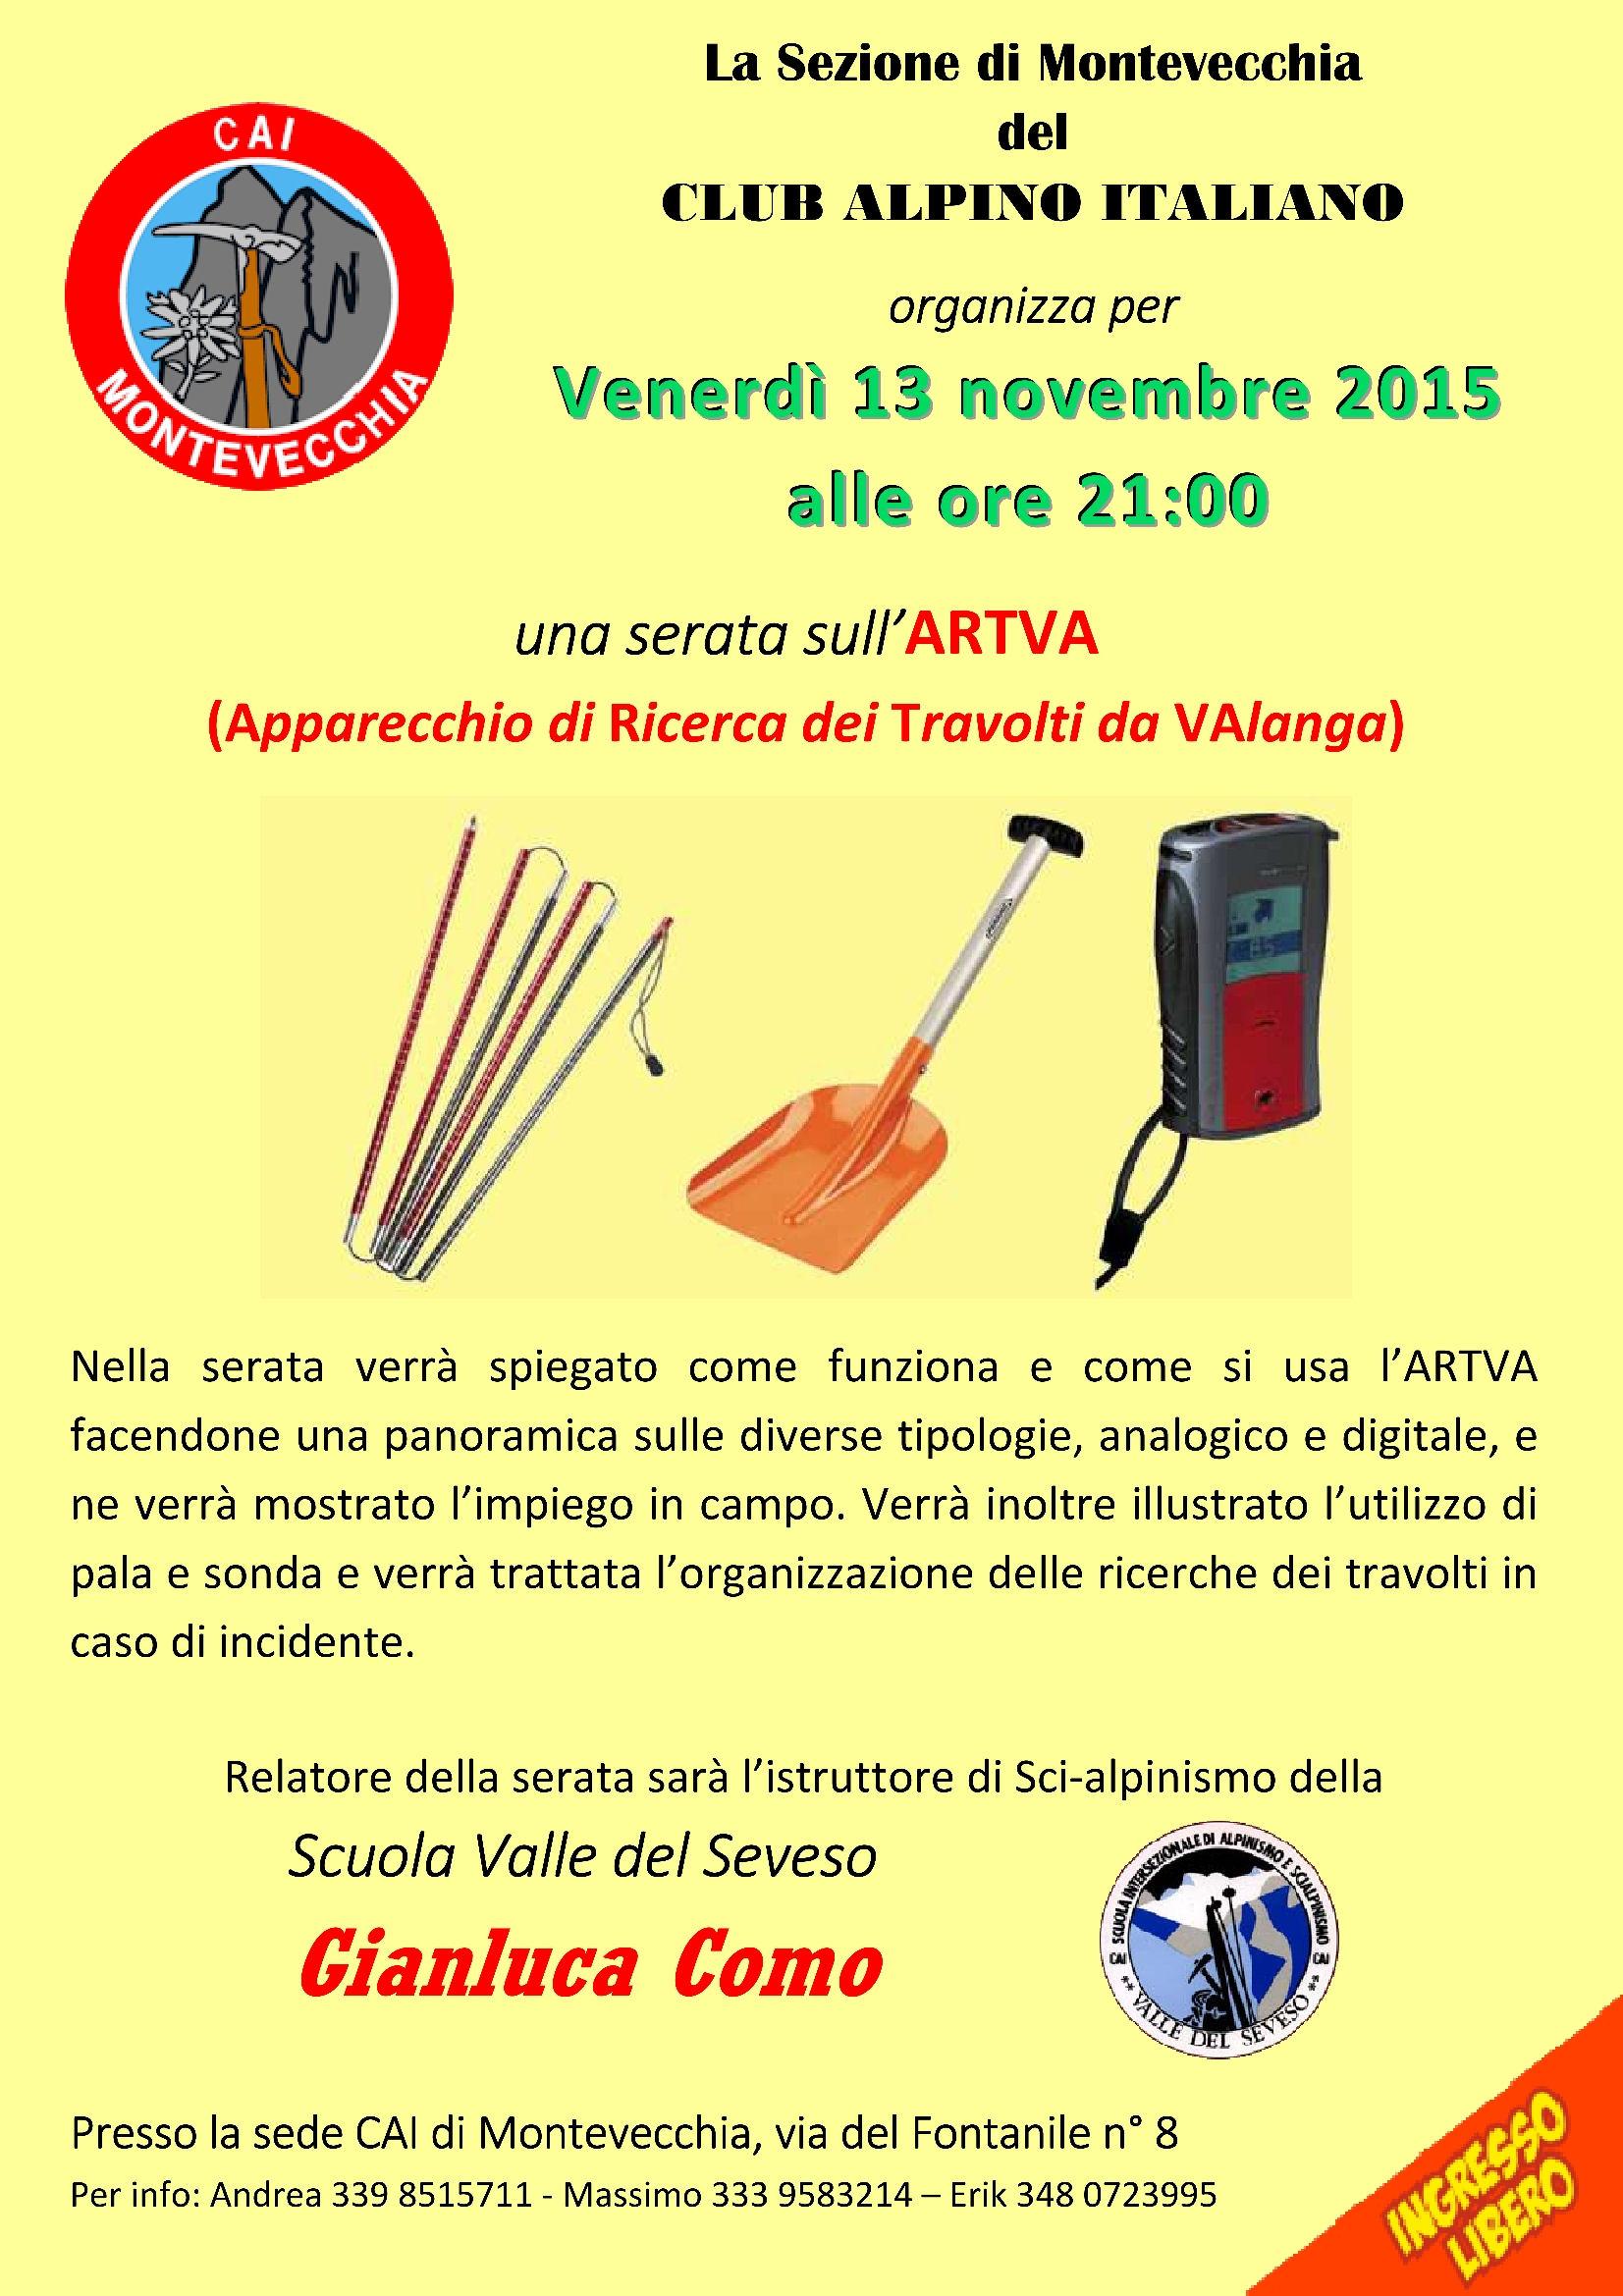 CAI Montevecchia Website.